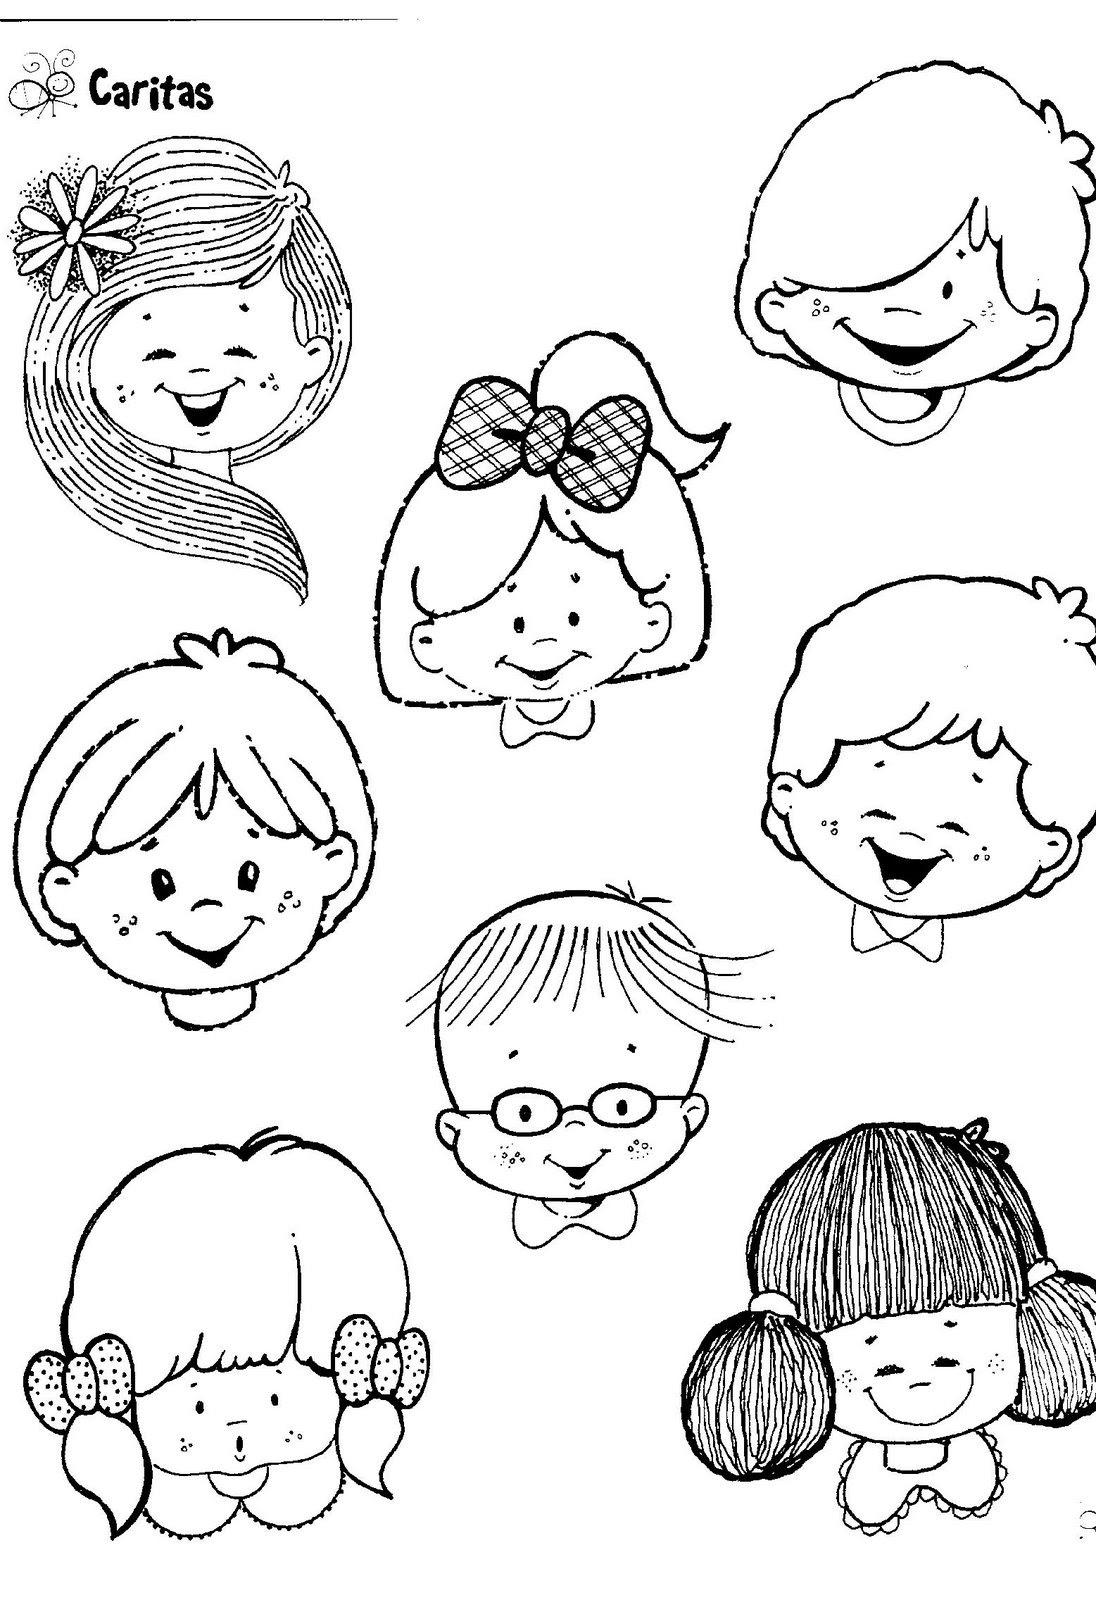 Imagenes De Monitos Para Pintar Dibujos Para Colorear Online